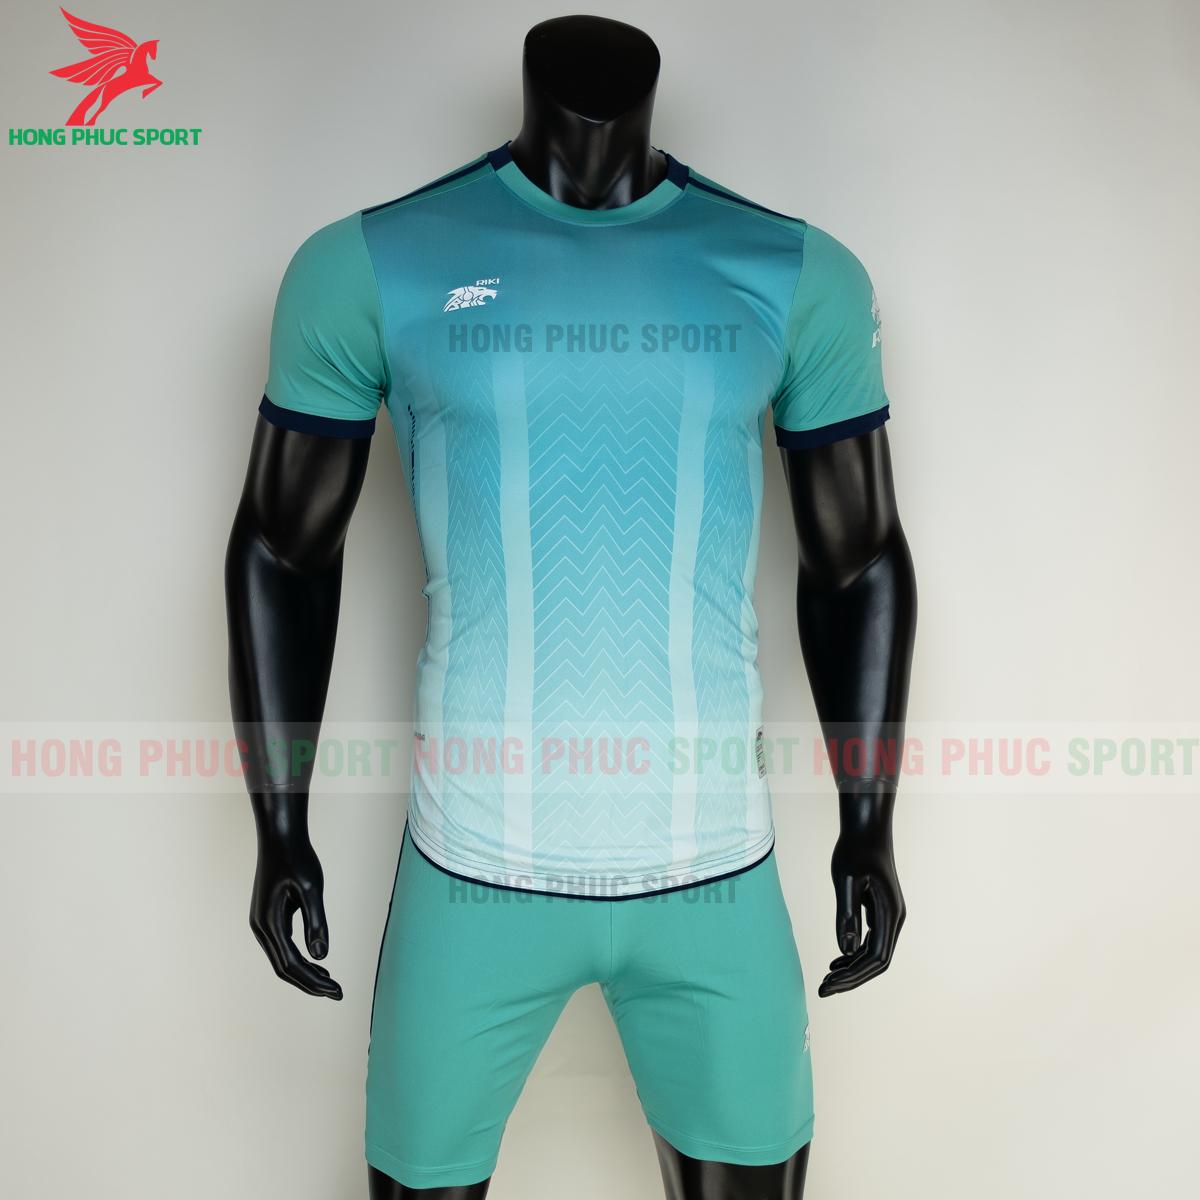 Áo đá banh không logo RIKI FURIOR 2021 màu Xanh ngọc (trước)